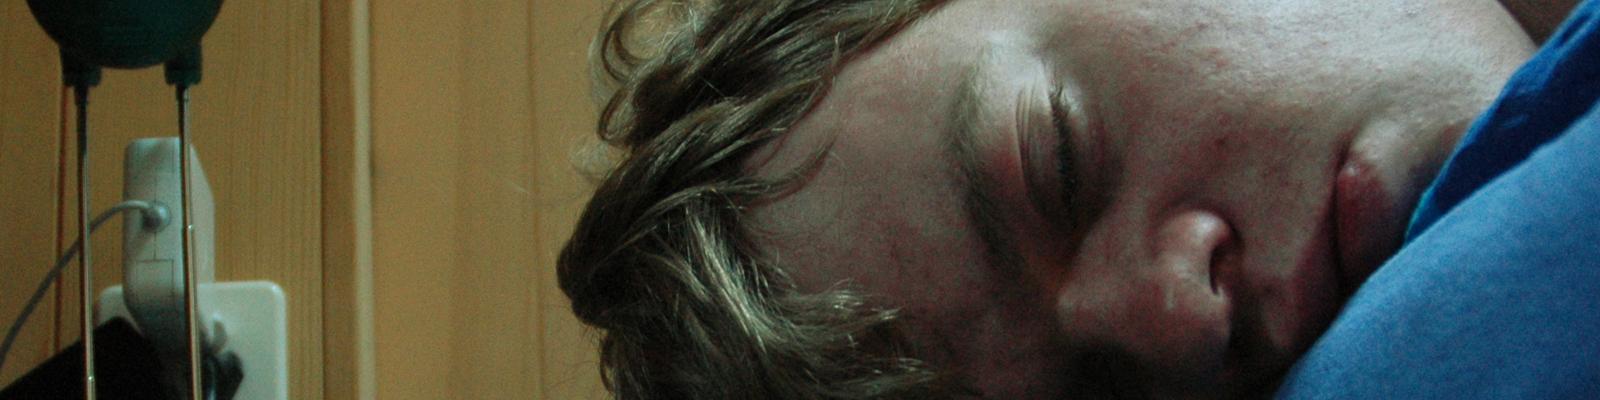 Ein junger Mann schläft komatös neben seinem Wecker.